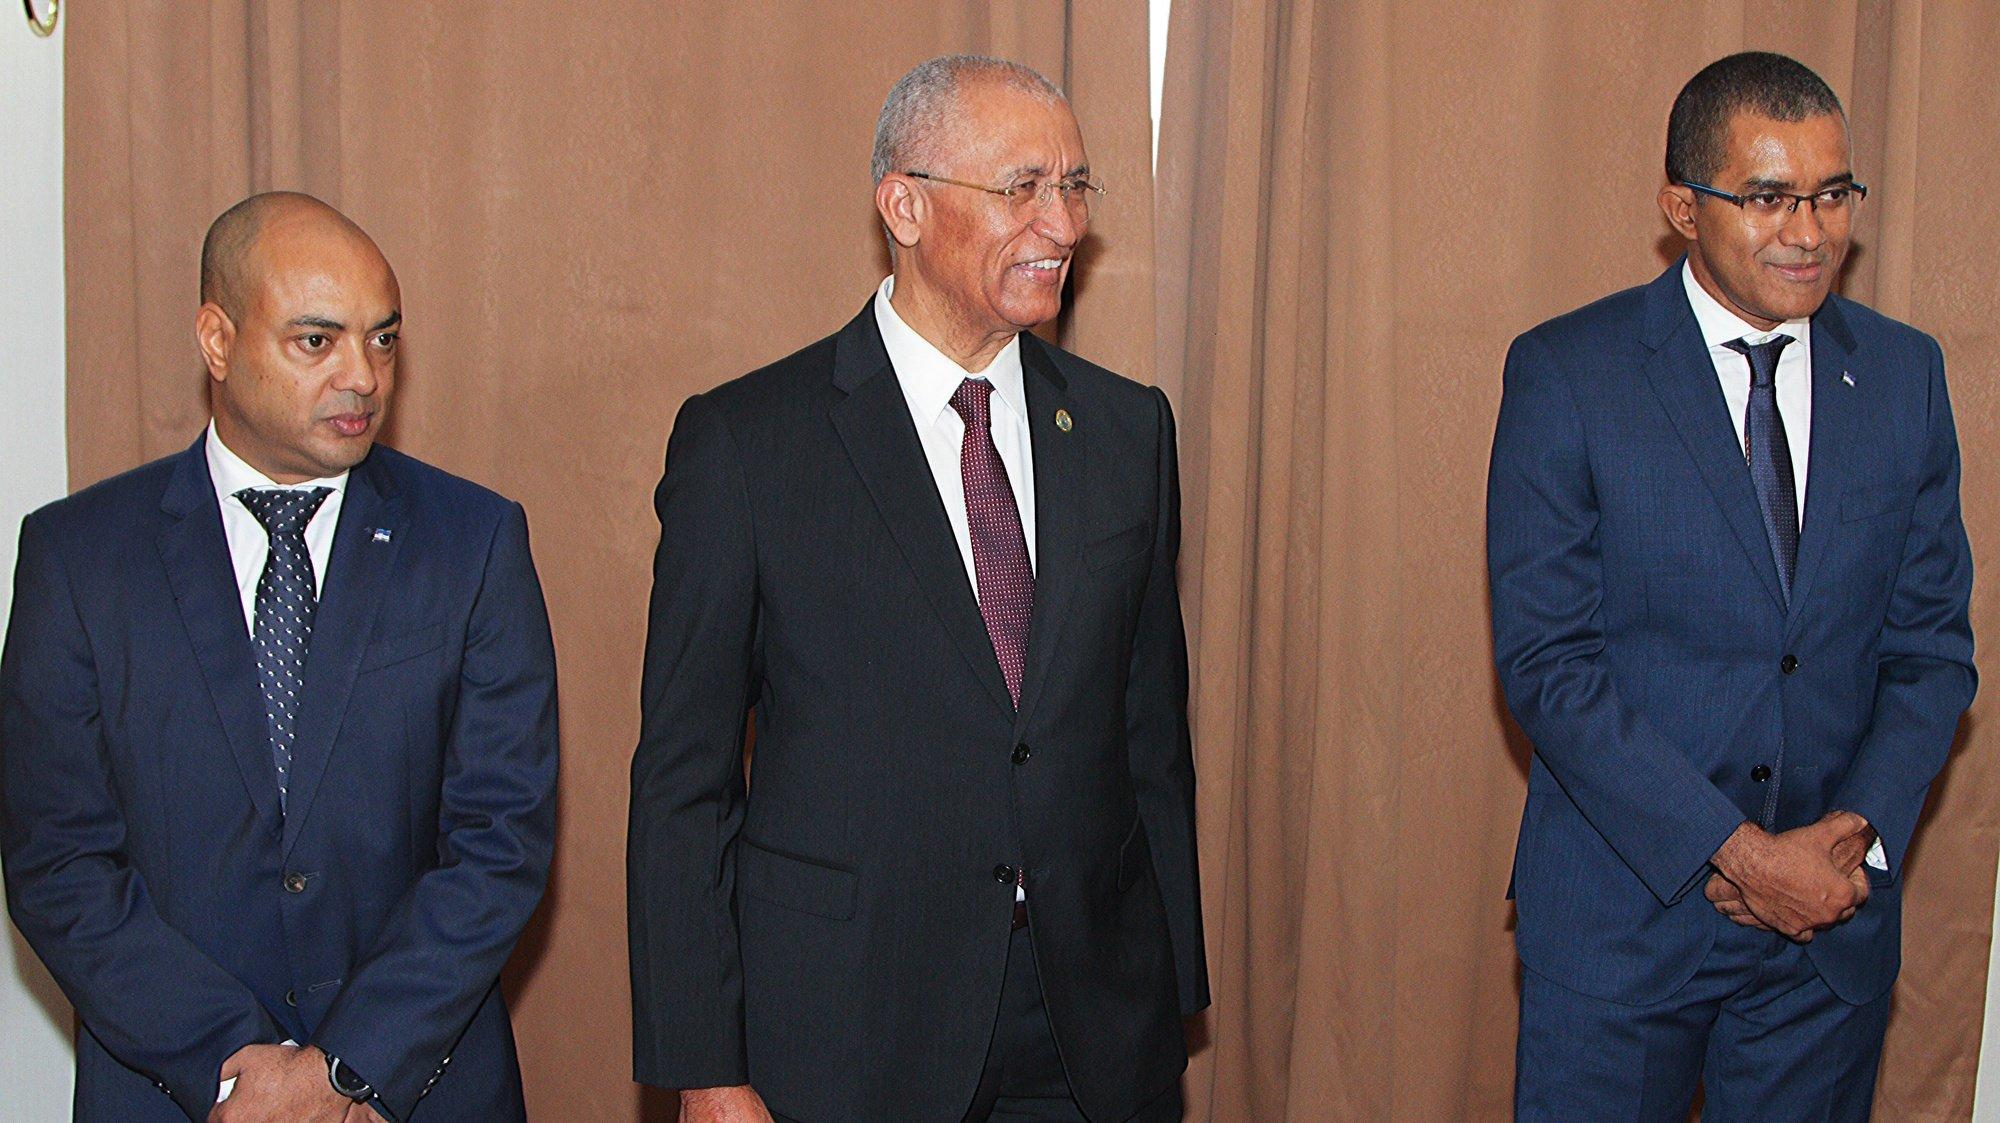 Cerimónia de tomada de posse de três novos ministros do governo caboverdiano: Rui Figueiredo Soares (C) como ministro-adjunto do primeiro-ministro e da Integração Regional, Paulo Veiga (E) como ministro da Economia Marítima e Carlos Santos como ministro do Turismo e Transportes Marítimos, Cidade da Praia, Cabo Verde, 10 de janeiro de 2020.  FERNANDO DE PINA/LUSA